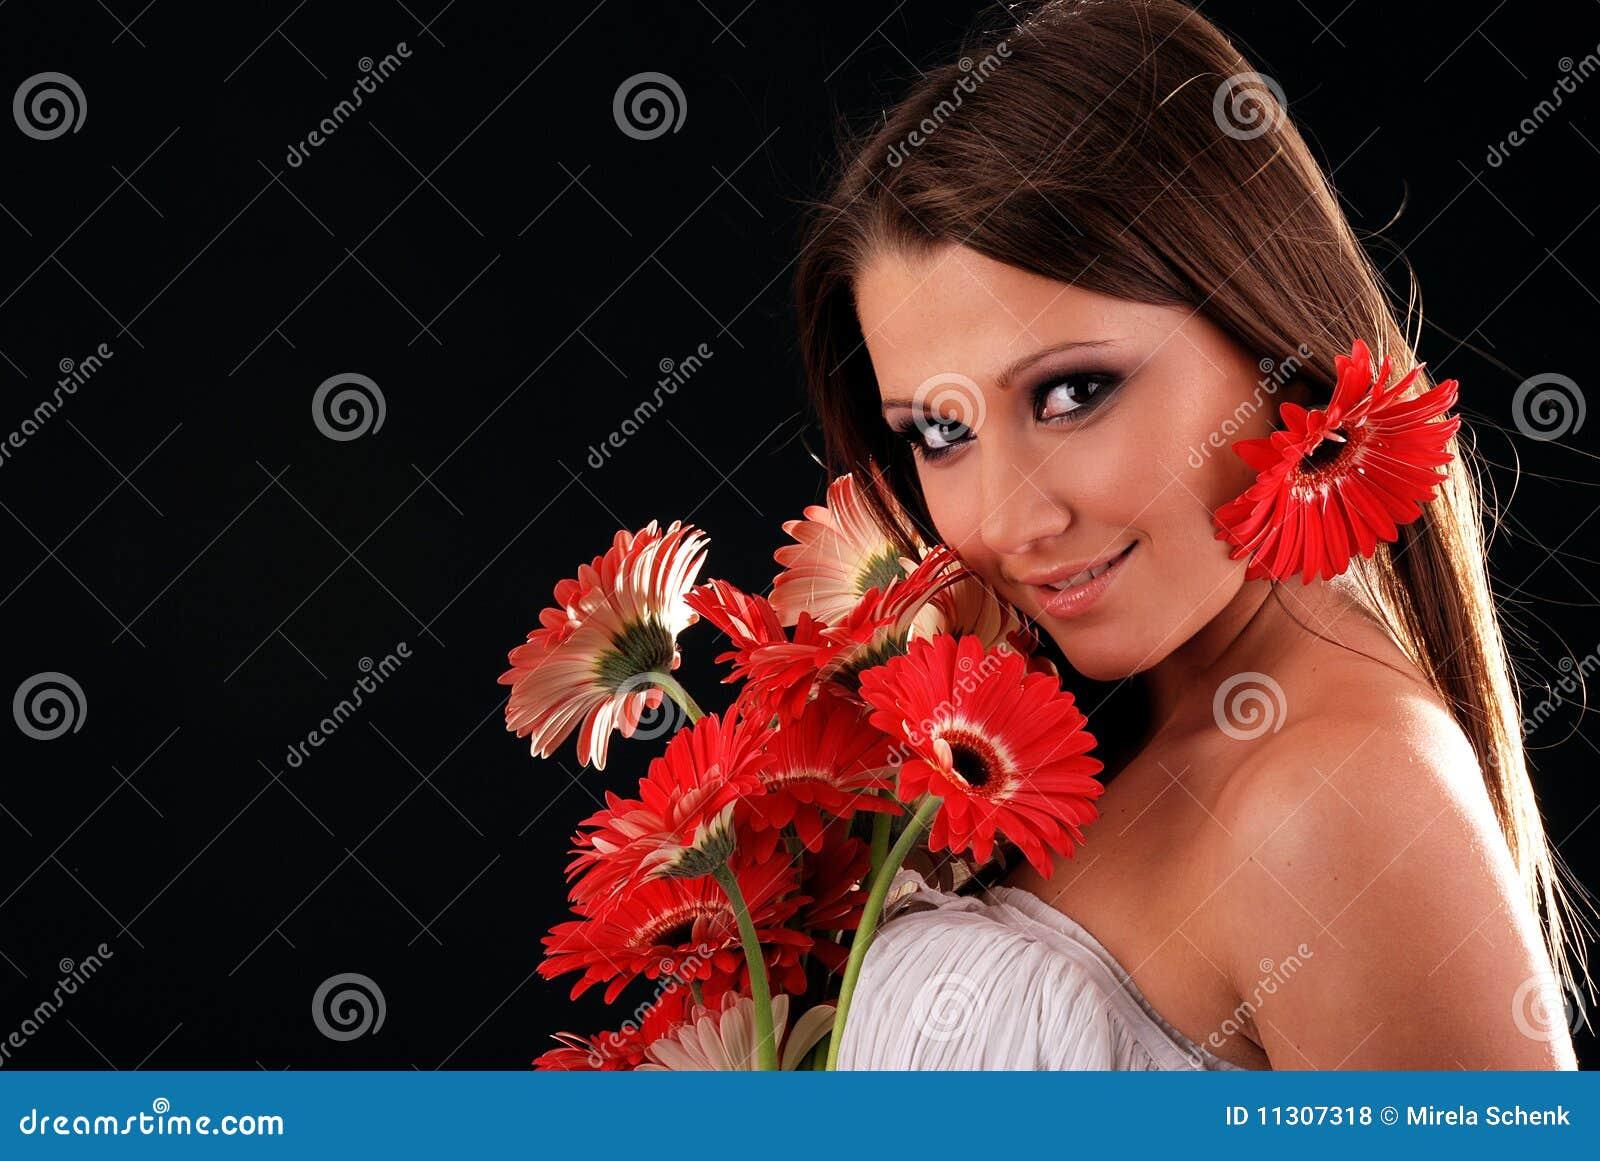 Mädchen mit einem Blumenstrauß der Blumen.